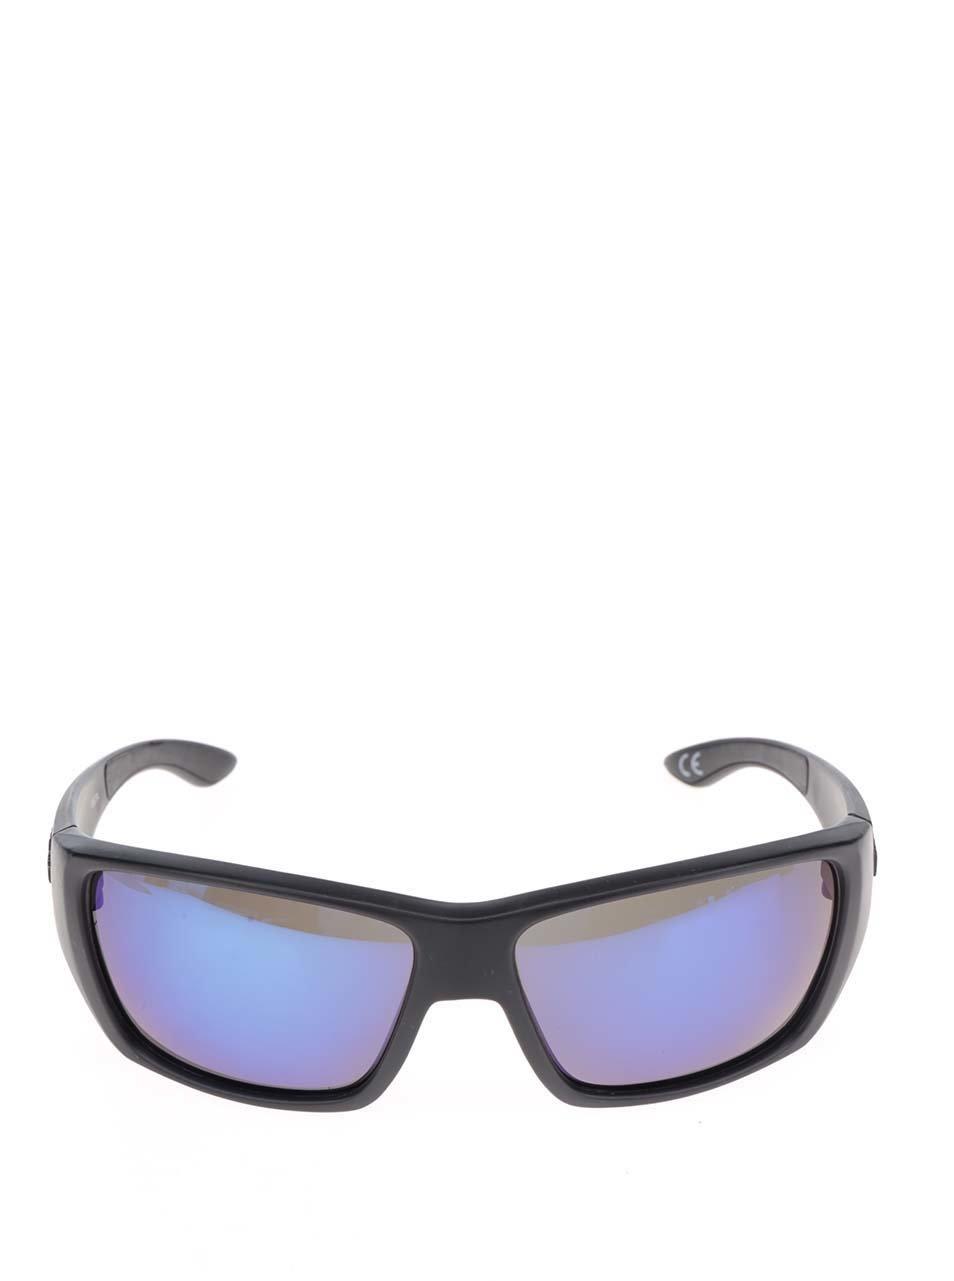 fb24923c7 Čierne pánske slnečné okuliare s modrými sklami Nectar Sporty | ZOOT.sk